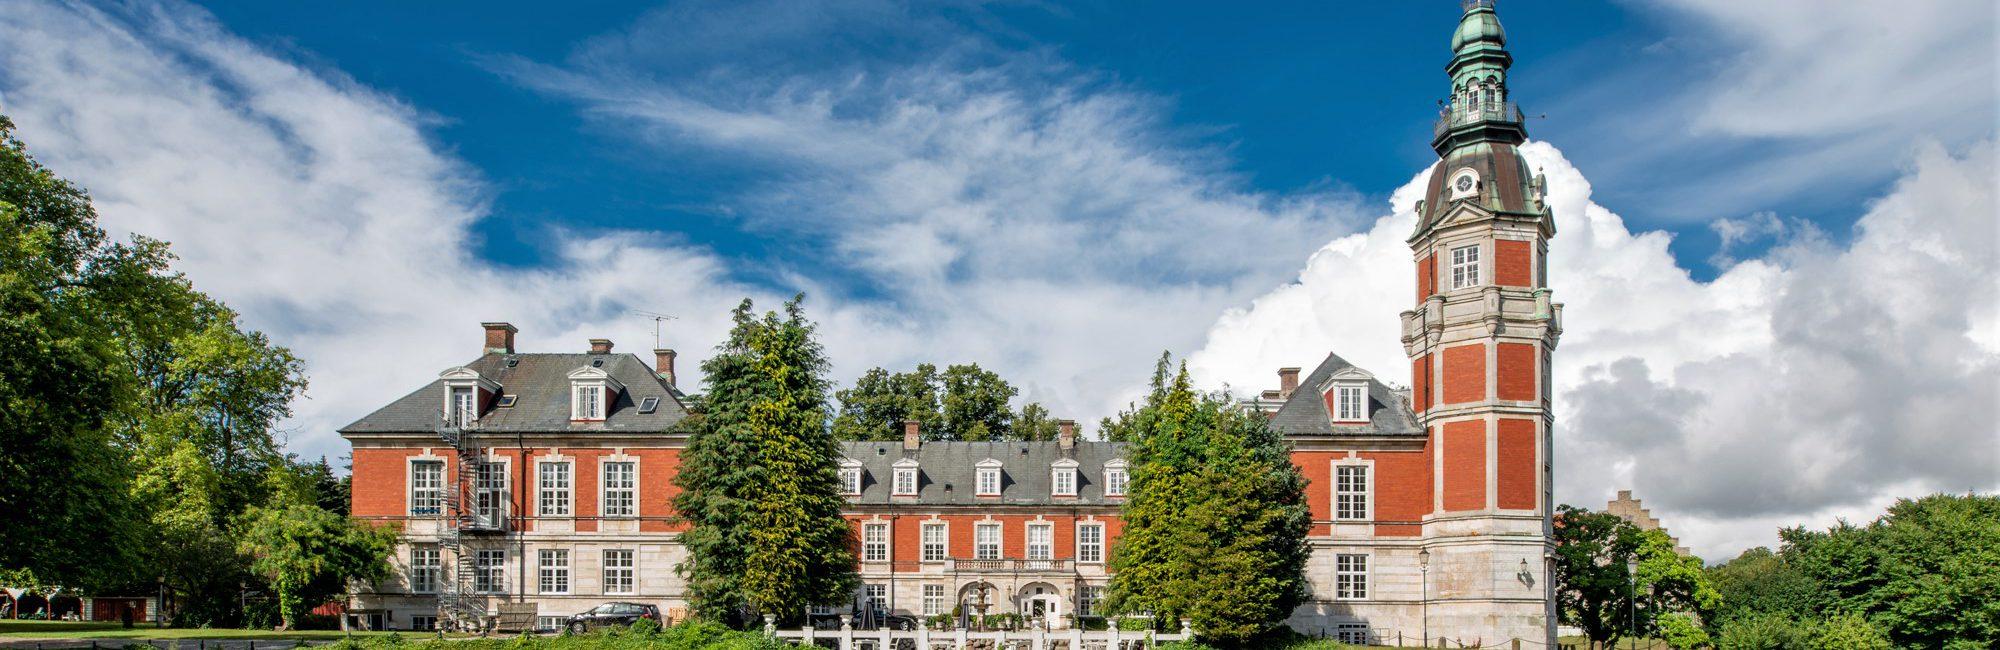 Hvedholm Slot